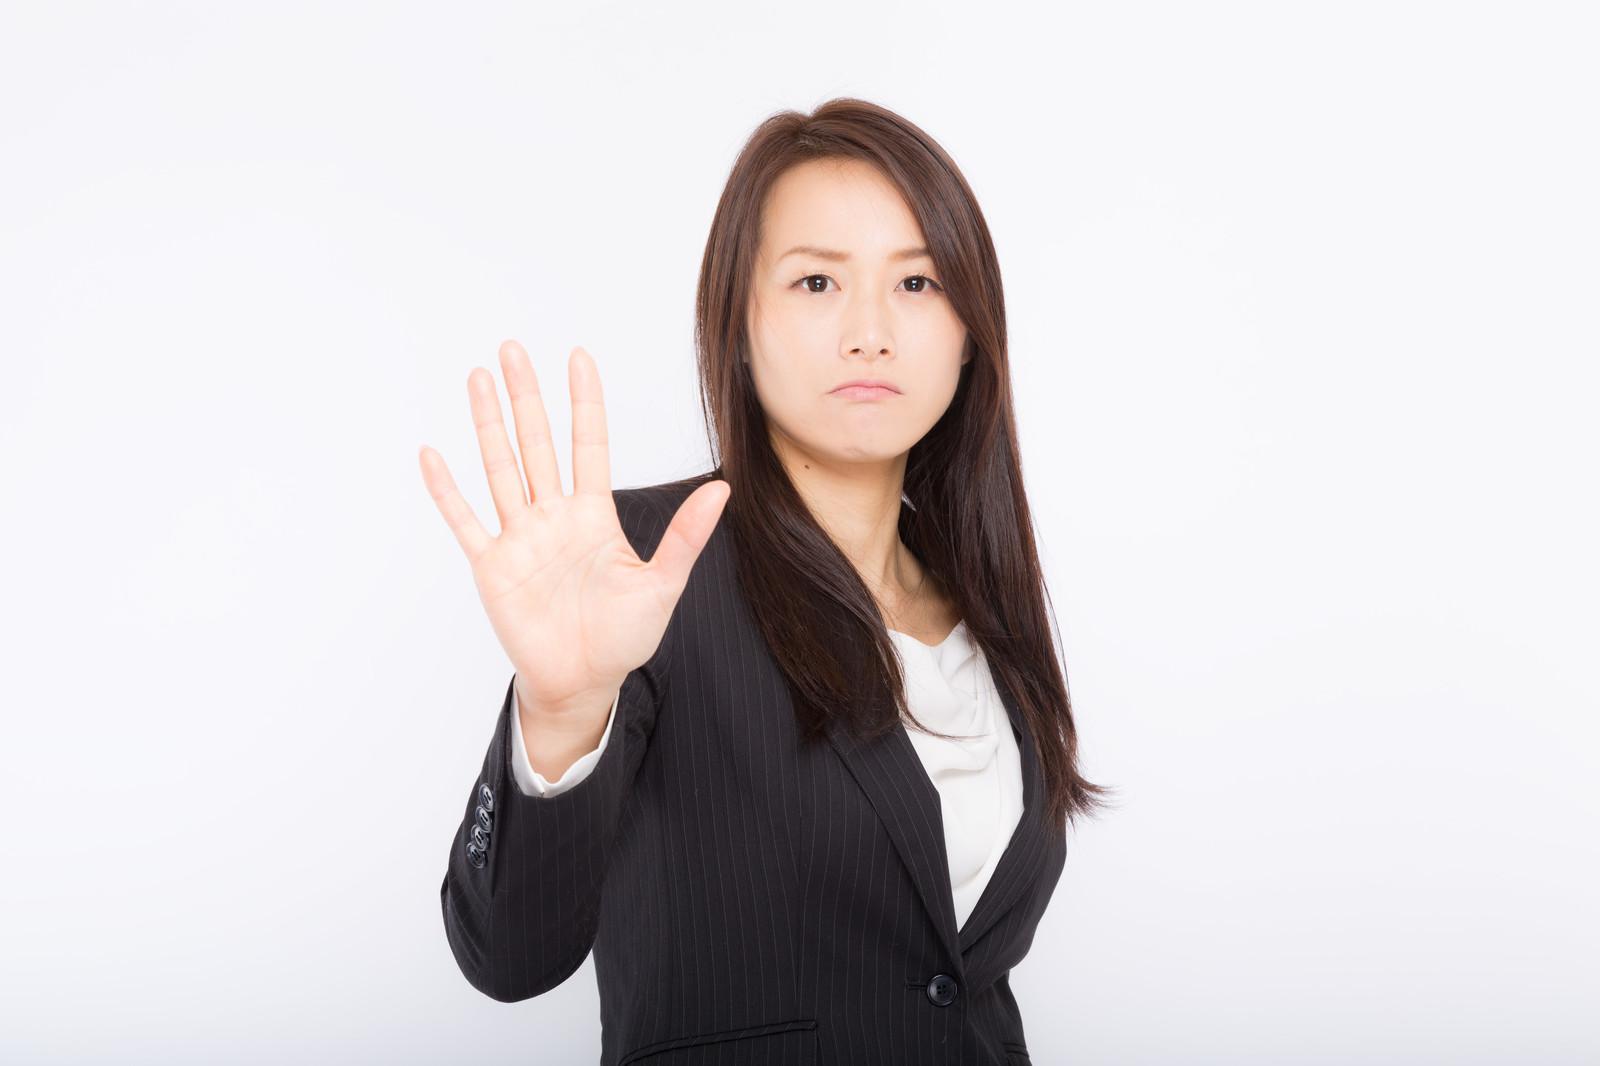 採用面接の担当者は、企業に愛着を持って一緒に働いていける人材を探している。